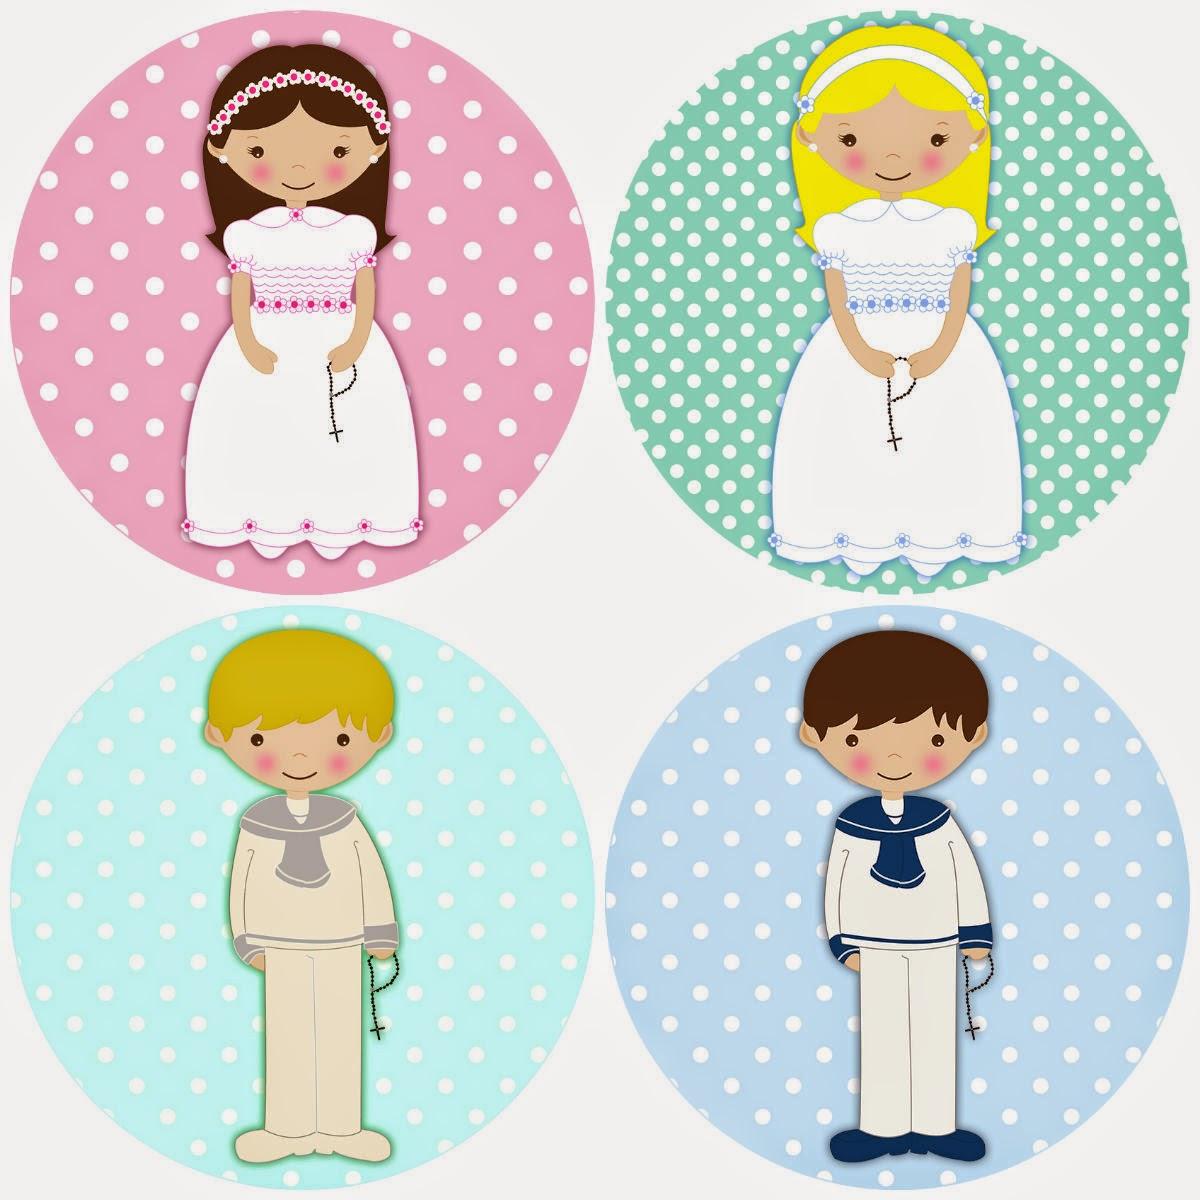 N m galletas artesanas marzo 2015 - Etiquetas comunion para imprimir en casa gratis ...